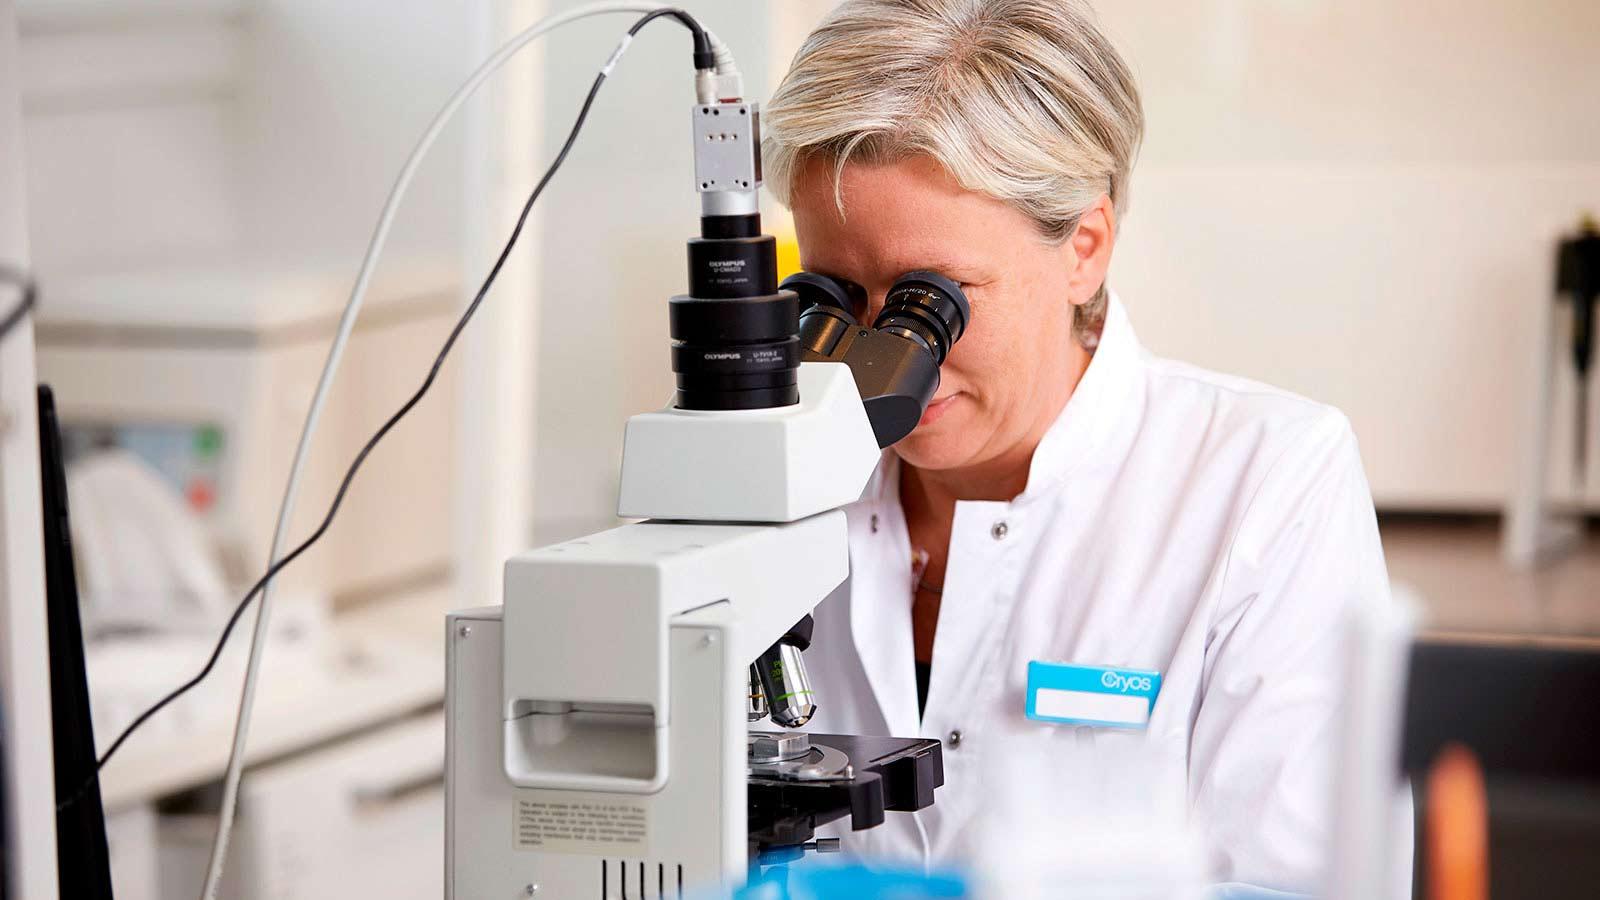 Cryos 的实验室技术人员正通过显微镜评估捐献者精子样品的质量